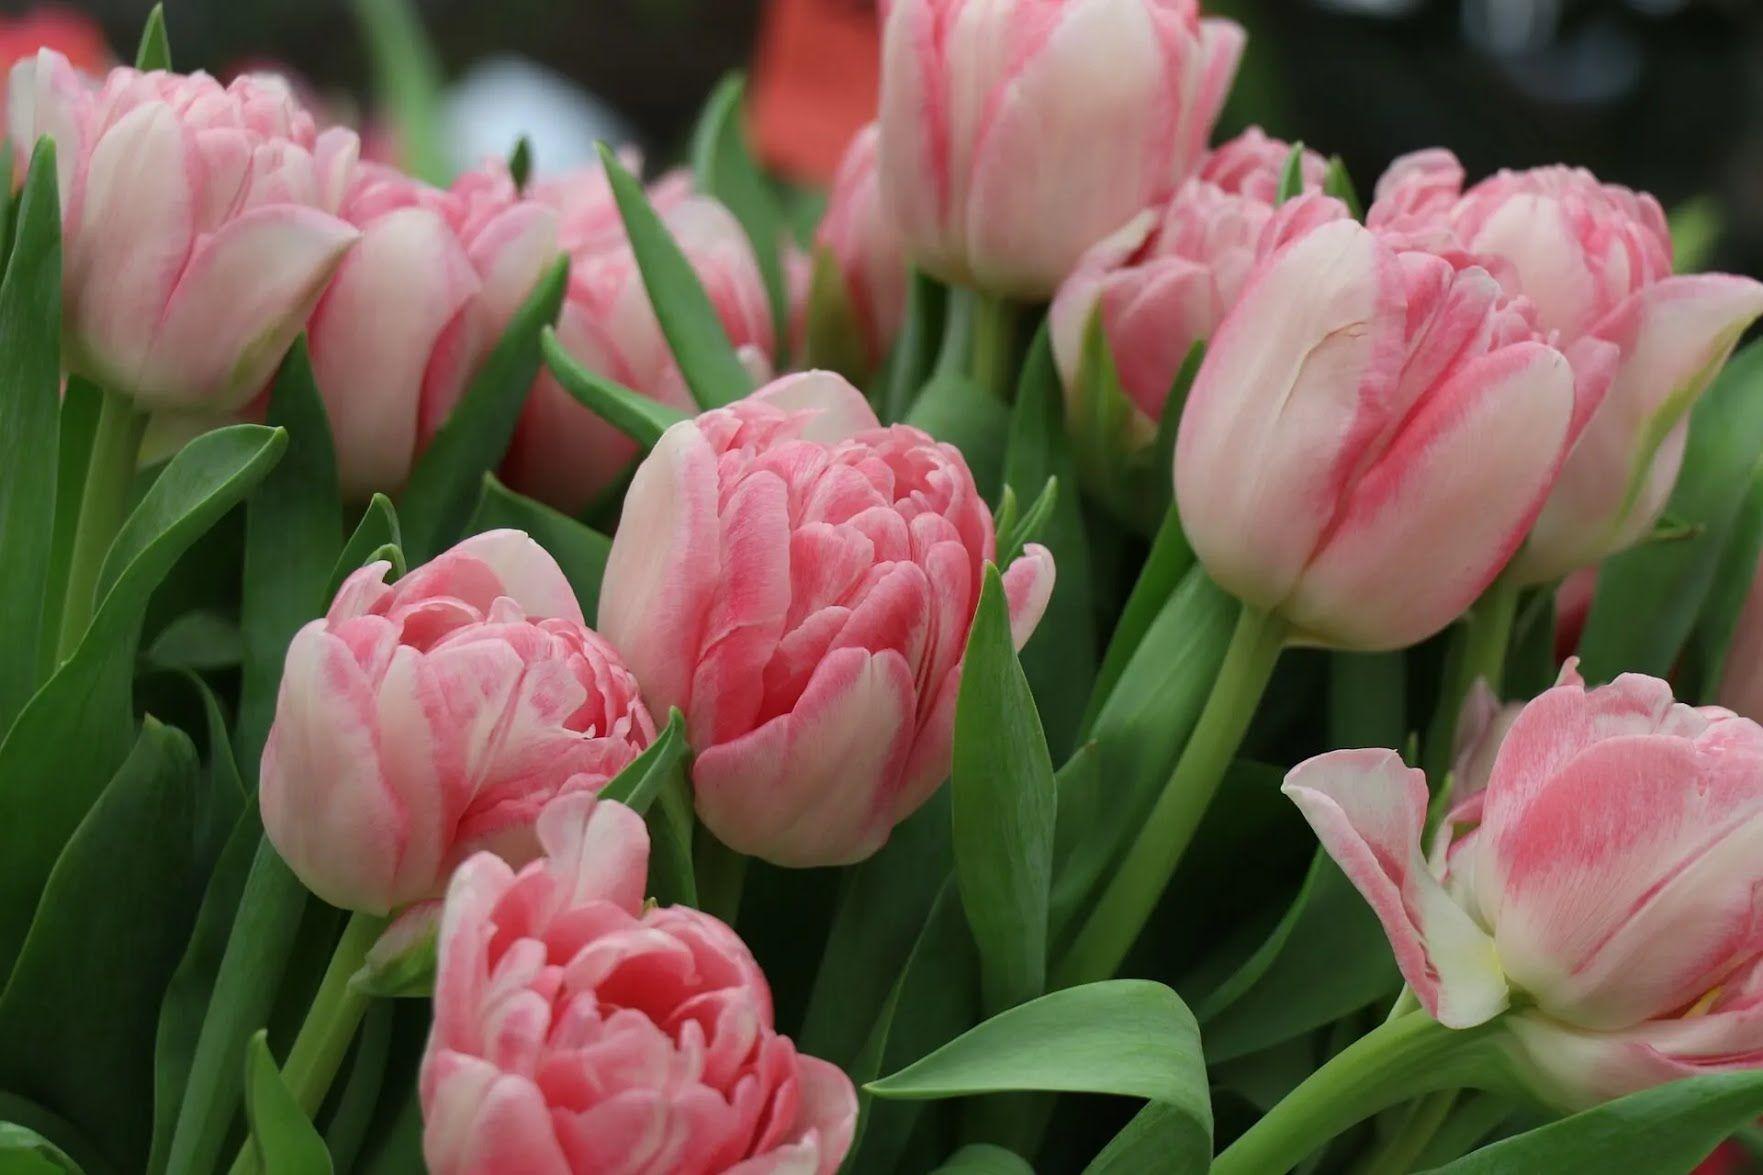 Сотрудникам образовательных учреждений к празднику принято дарить цветы и различные презенты